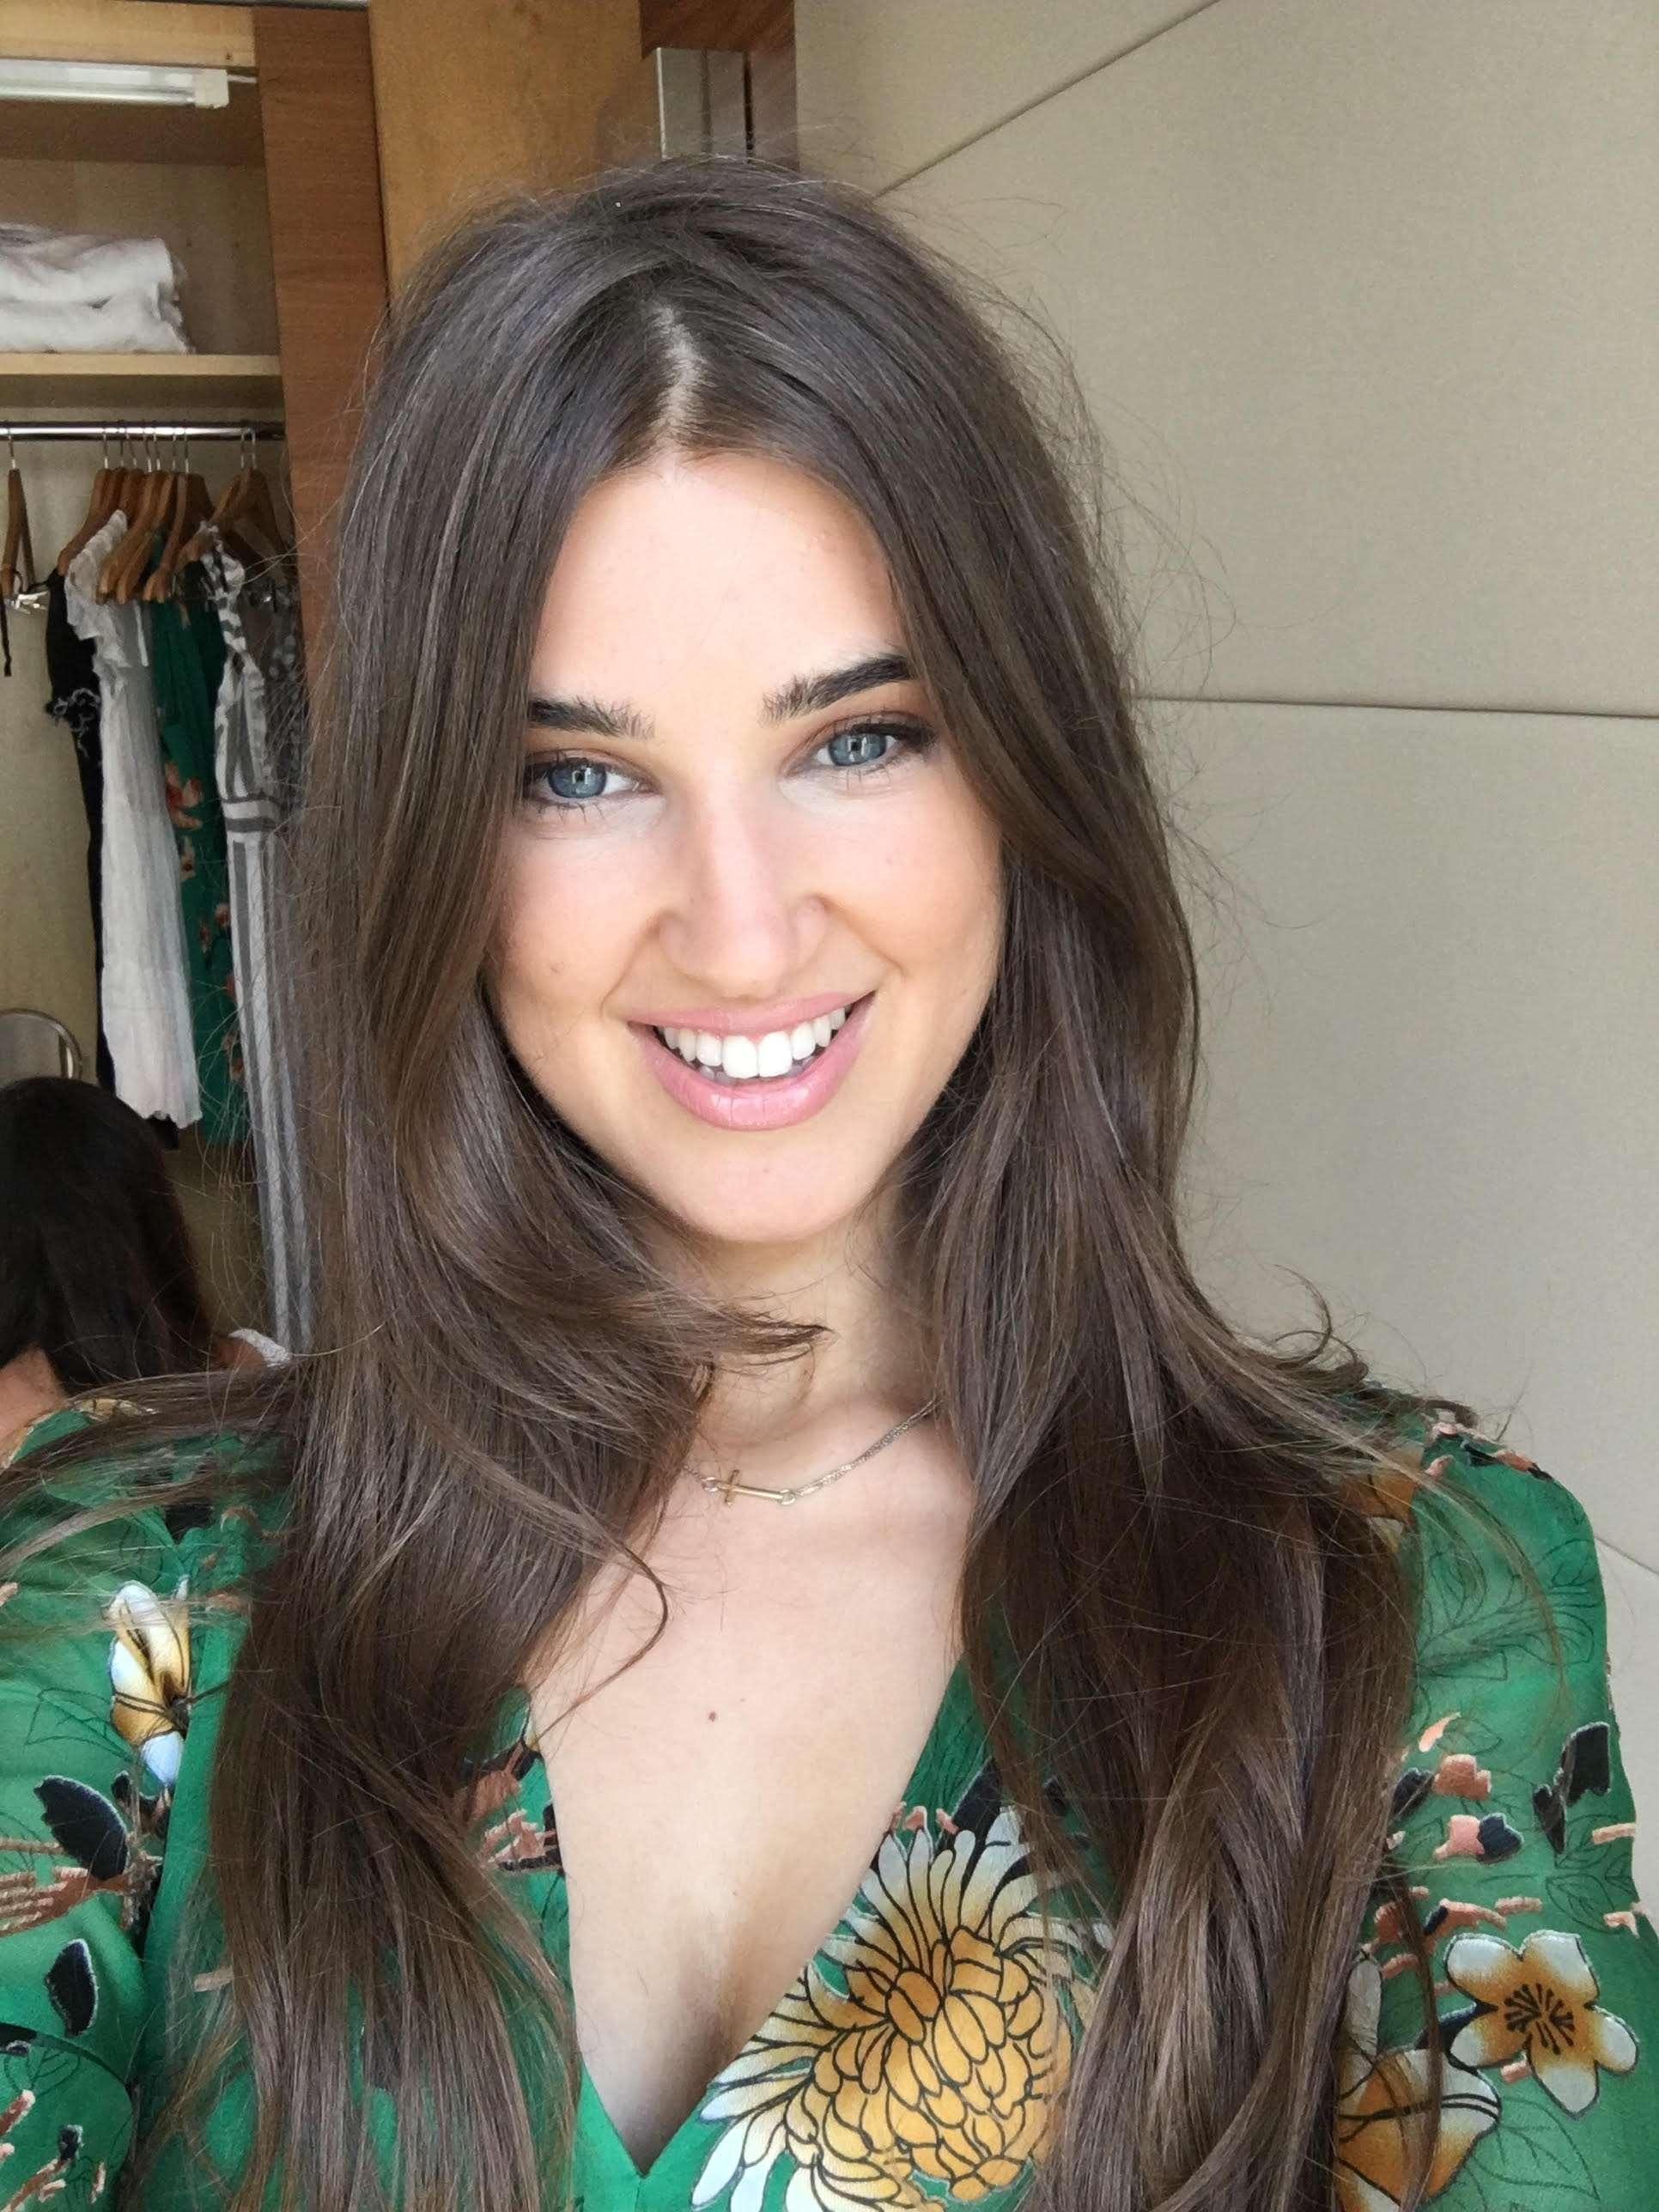 Alesandra Felicia